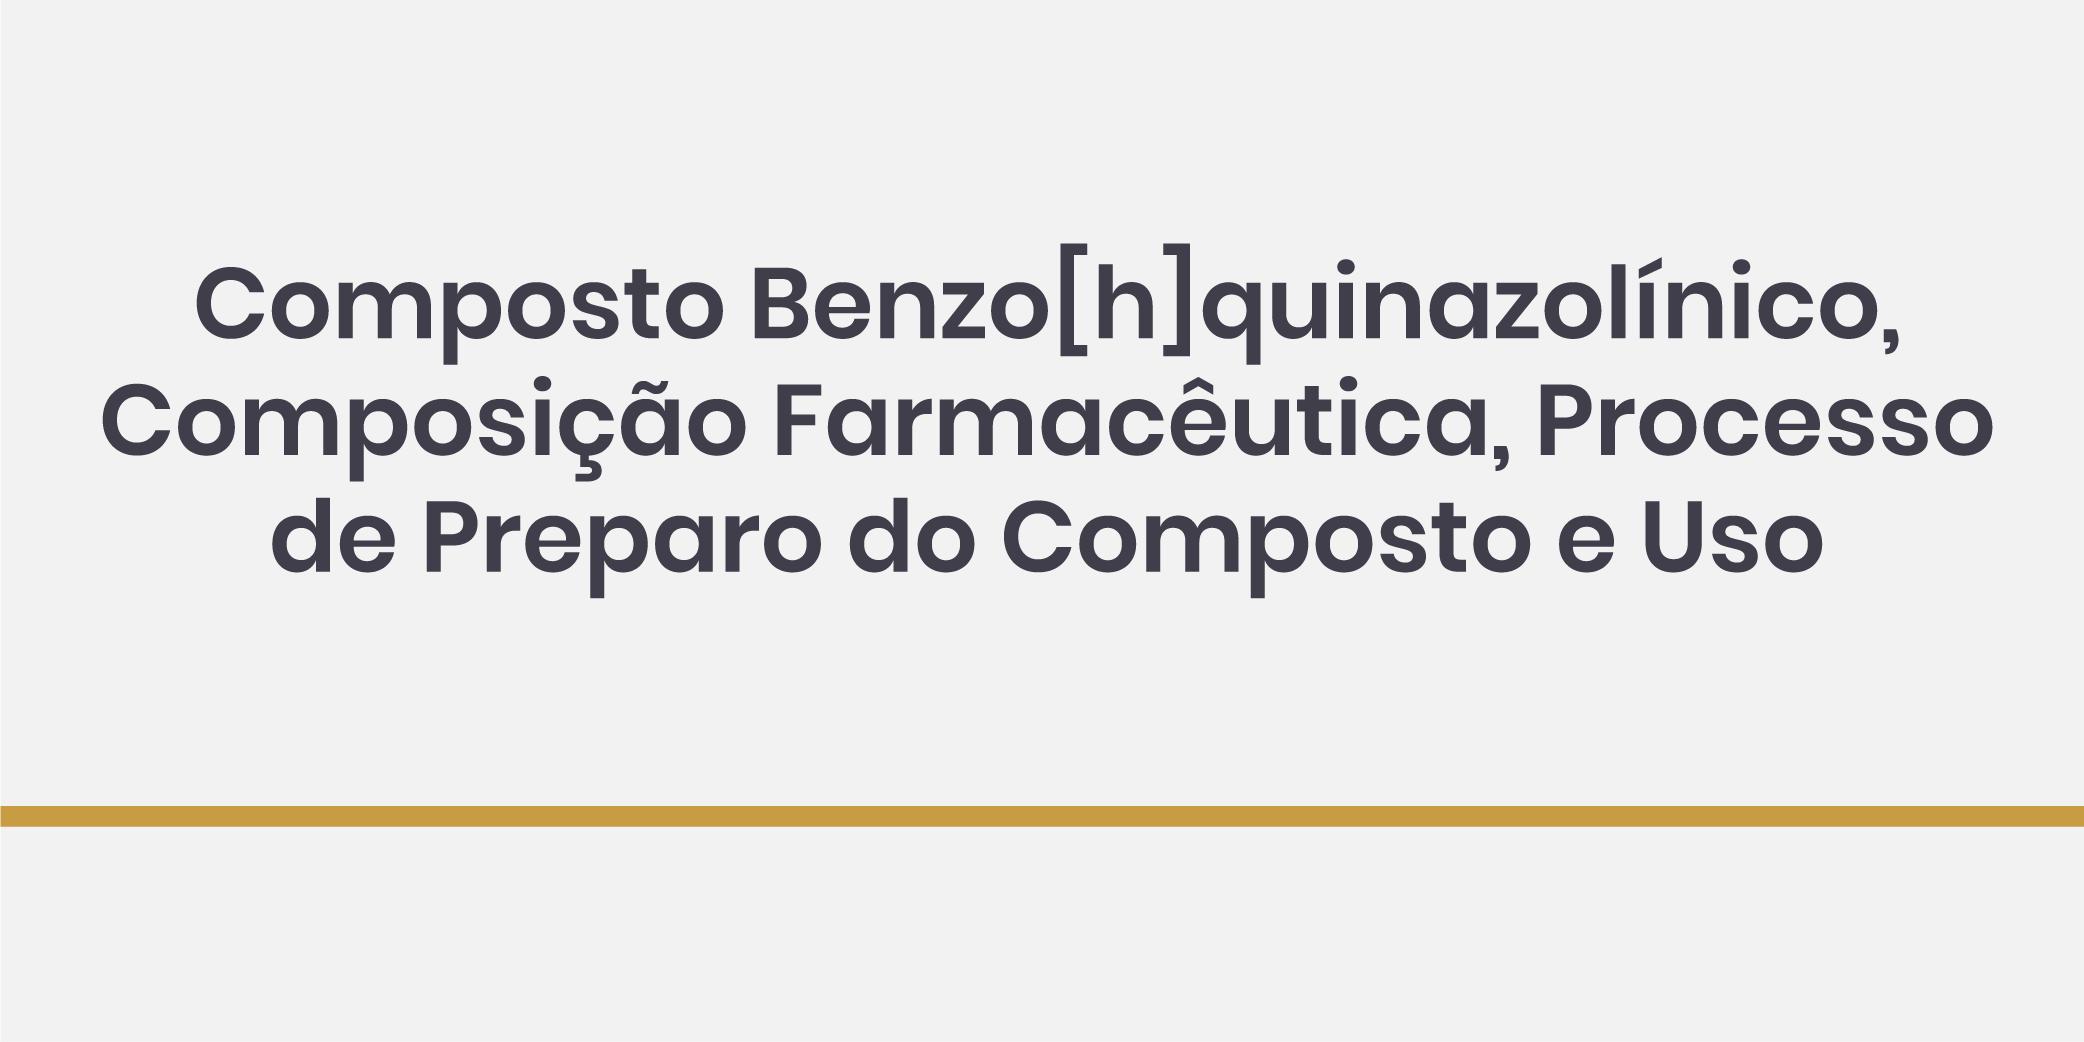 Composto Benzo[h]quinazolínico, Composição Farmacêutica, Processo de Preparo do Composto e Uso